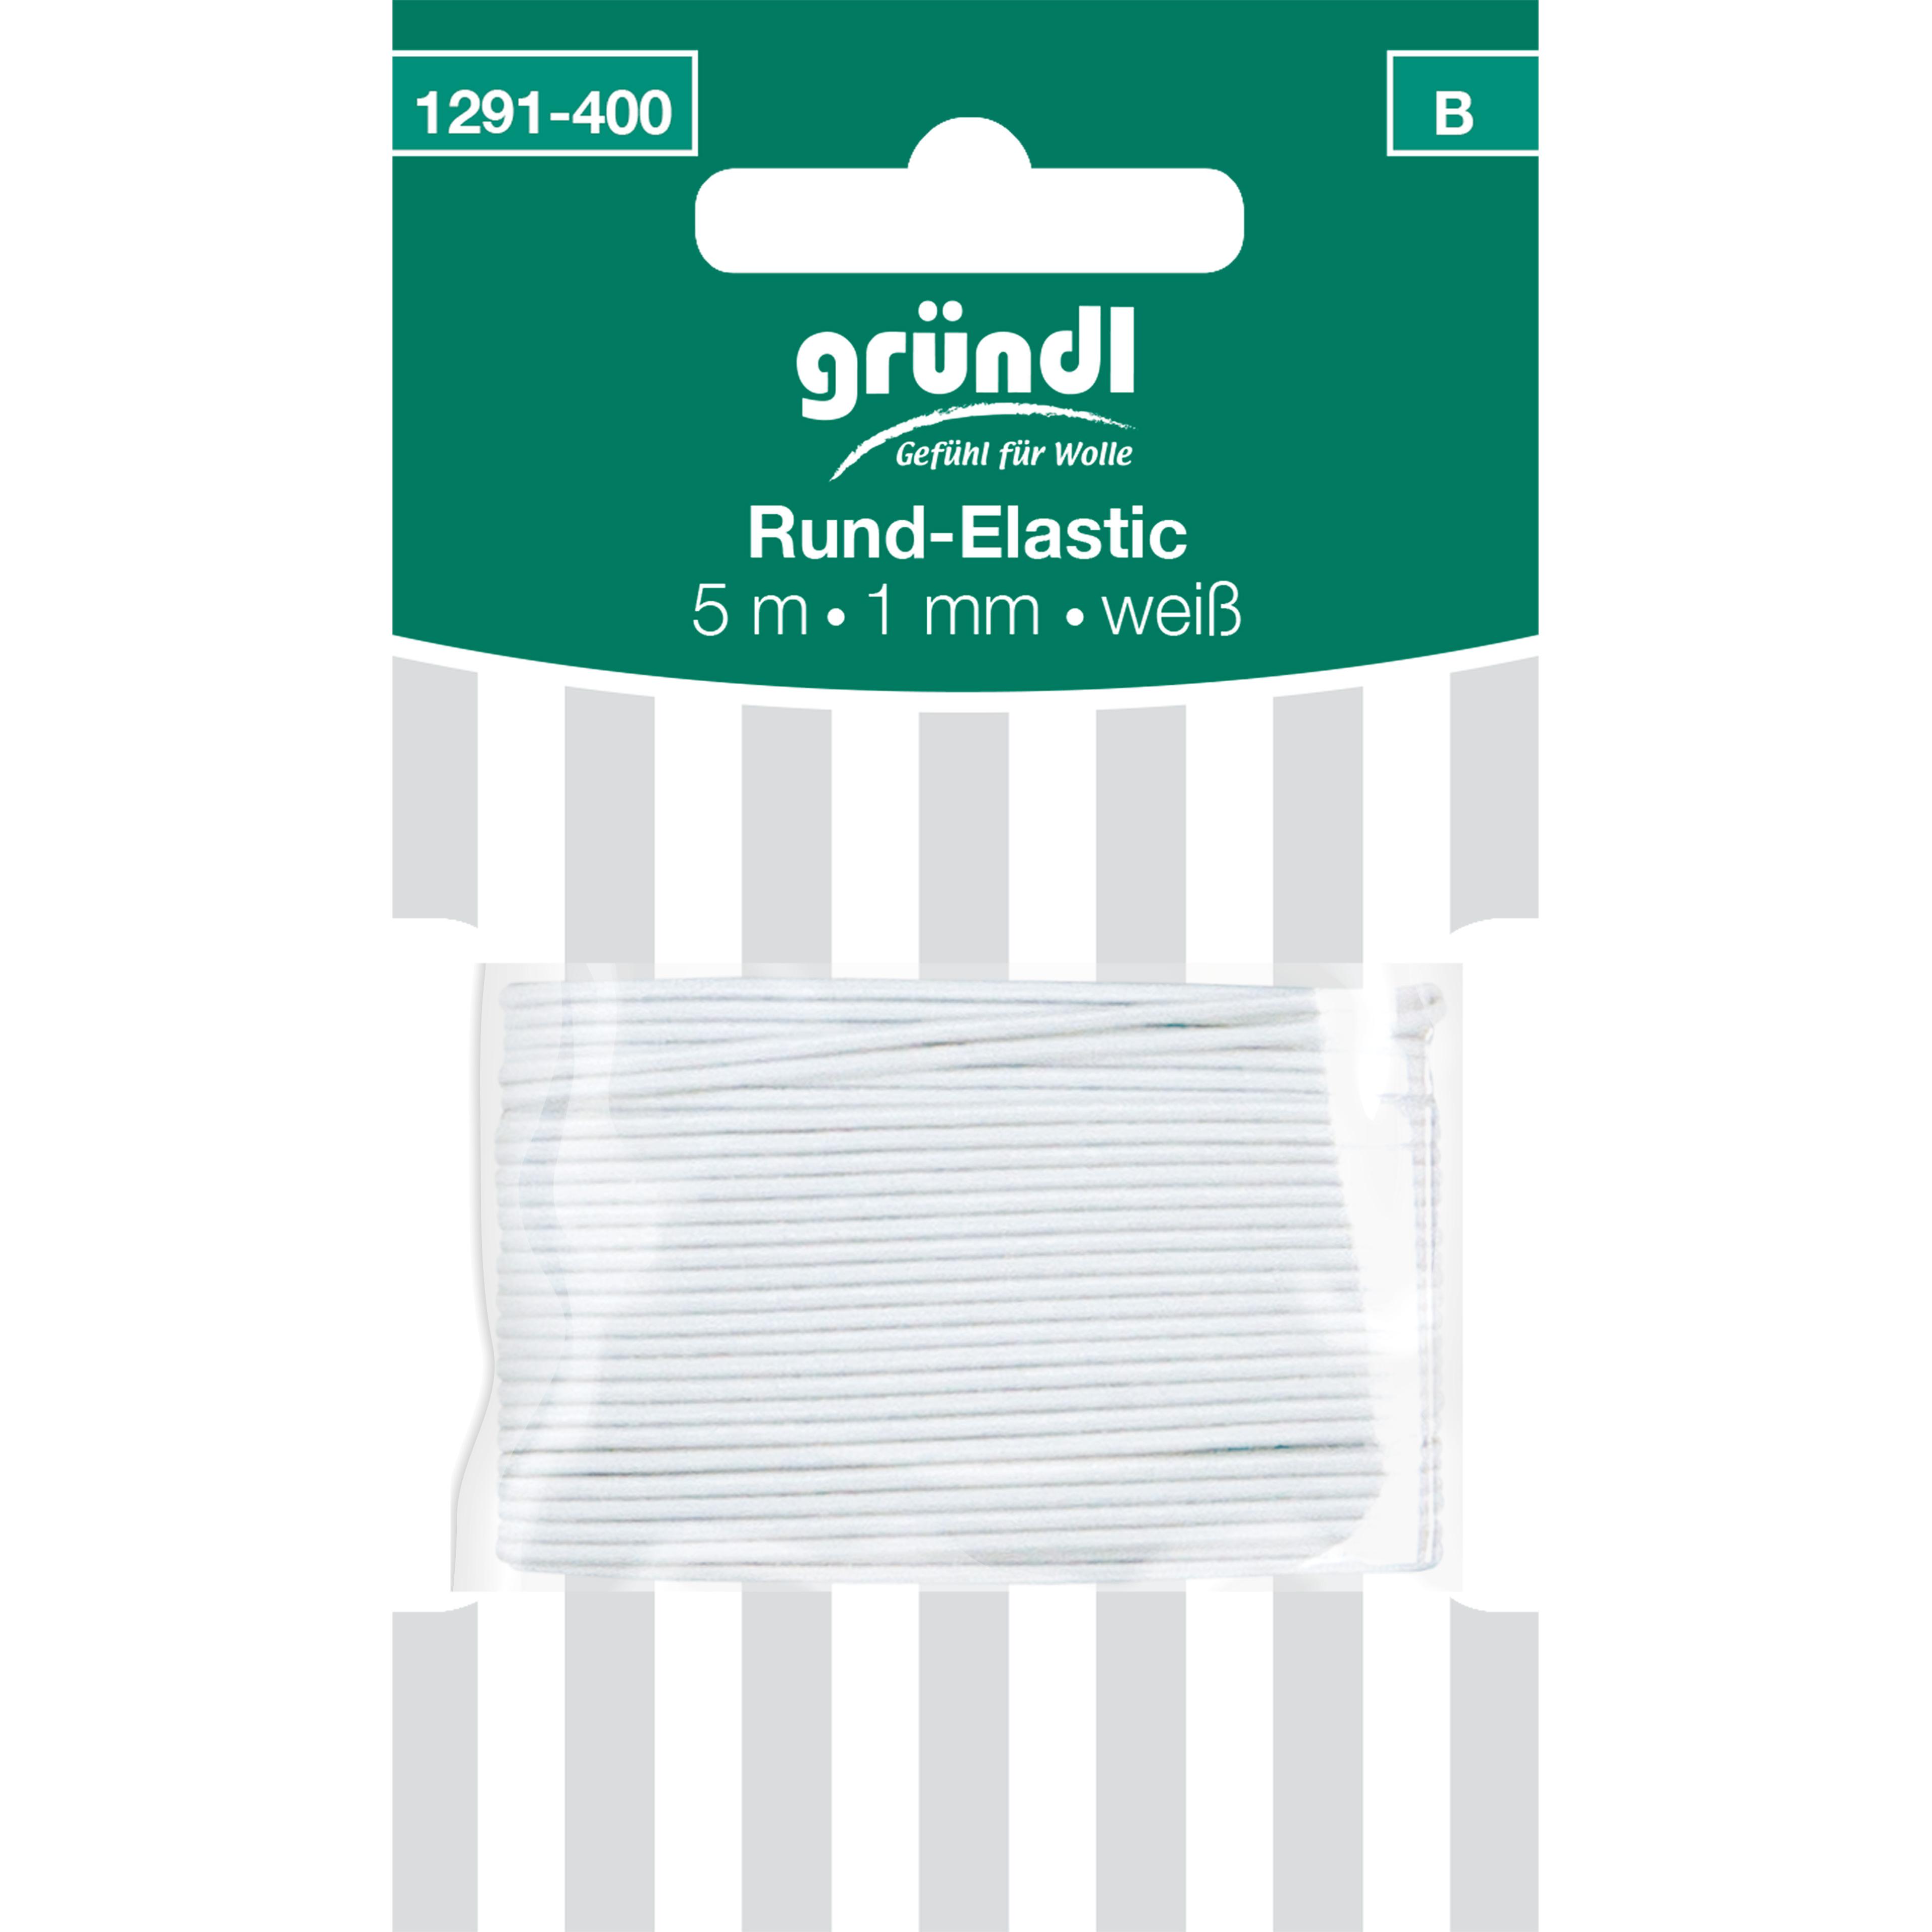 Rund-Elastik, 1 mm x 5 m